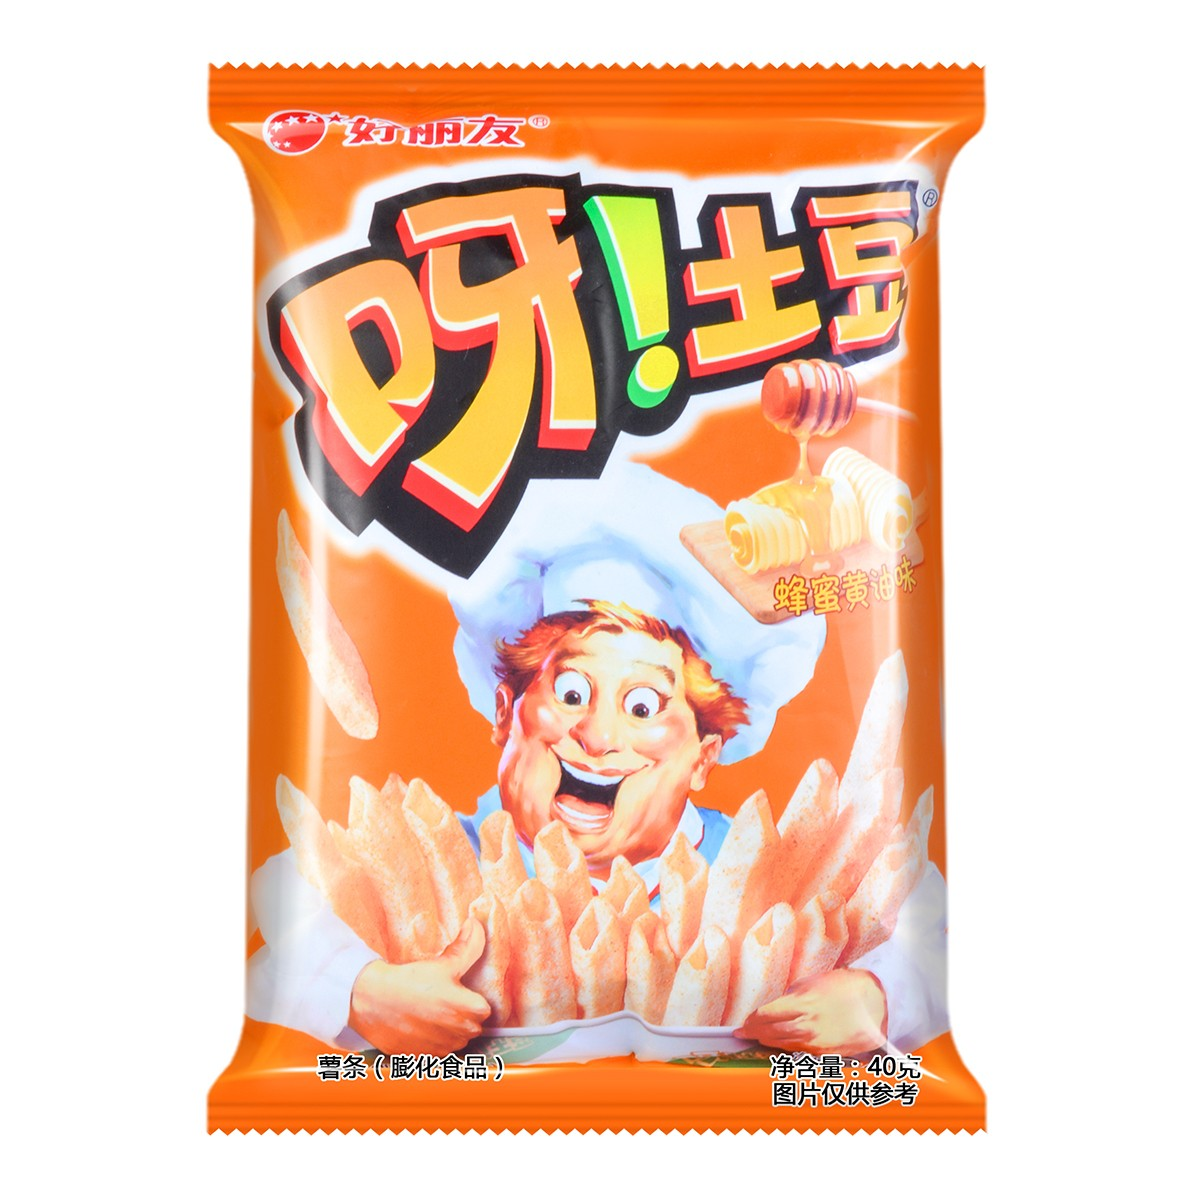 韩国ORION好丽友 呀!土豆薯条膨化食品 蜂蜜黄油味 40g